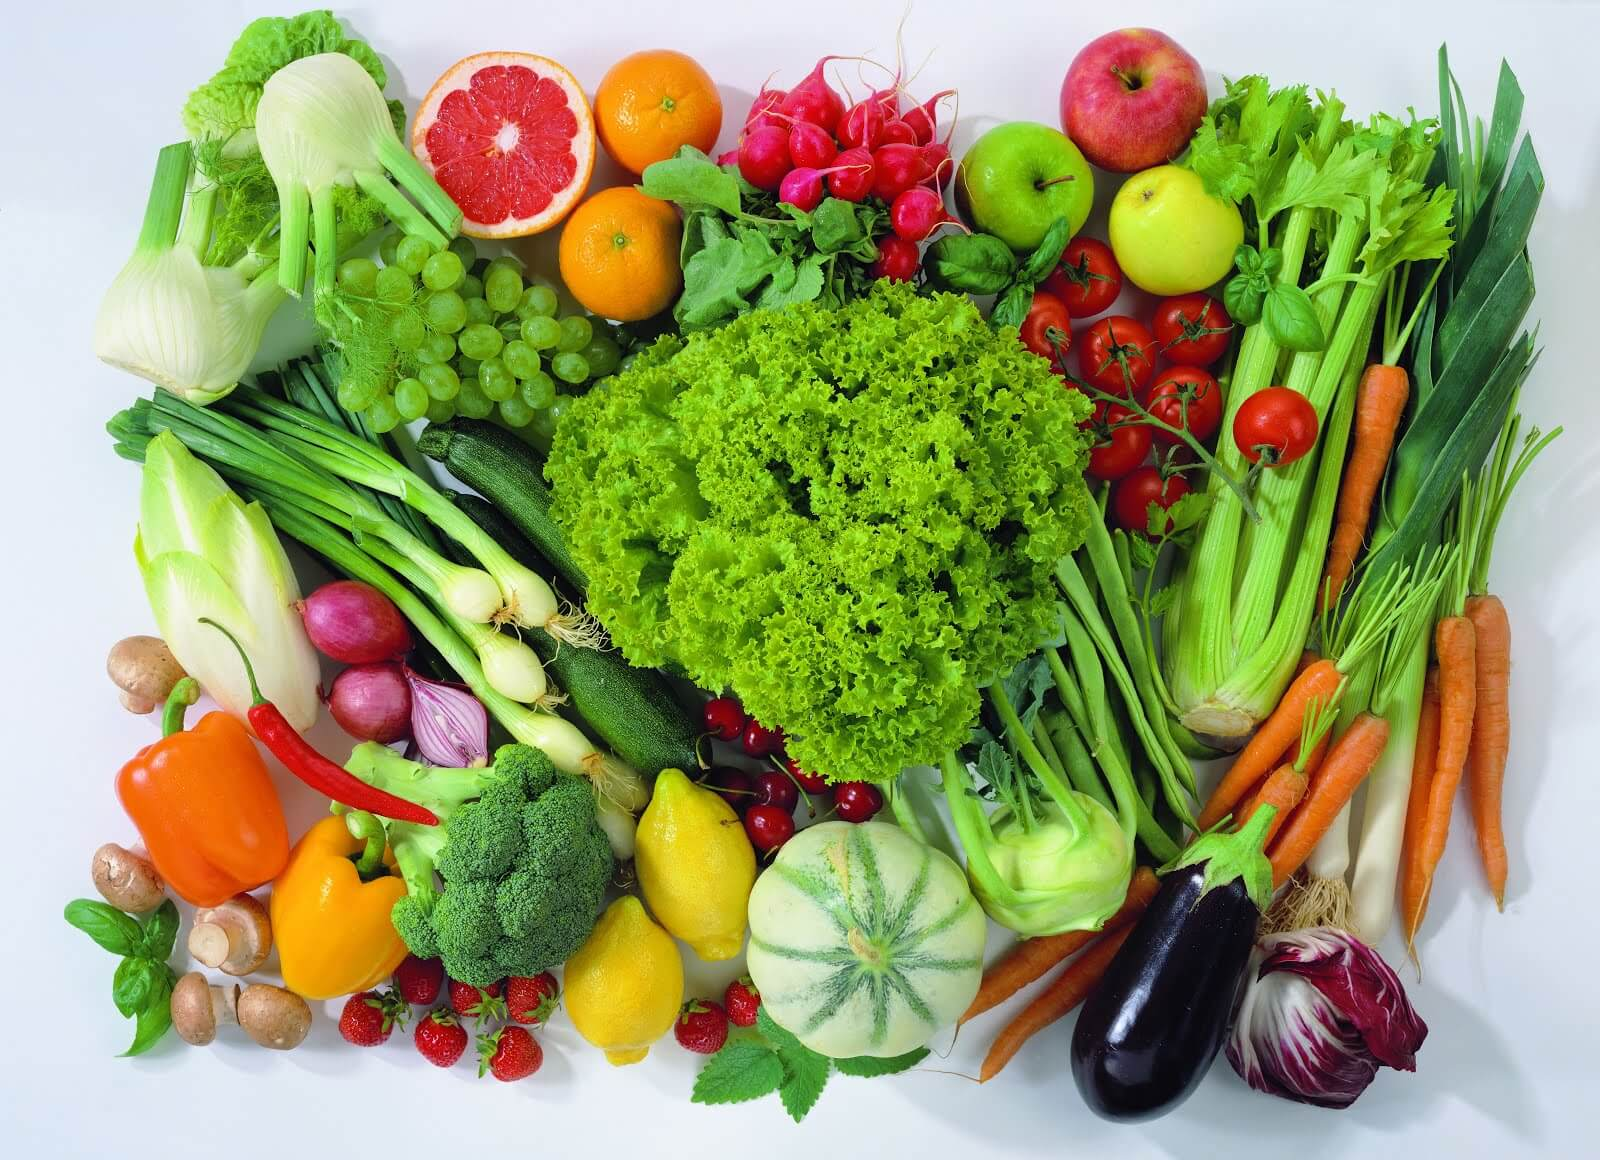 Variedad de frutas y verduras.